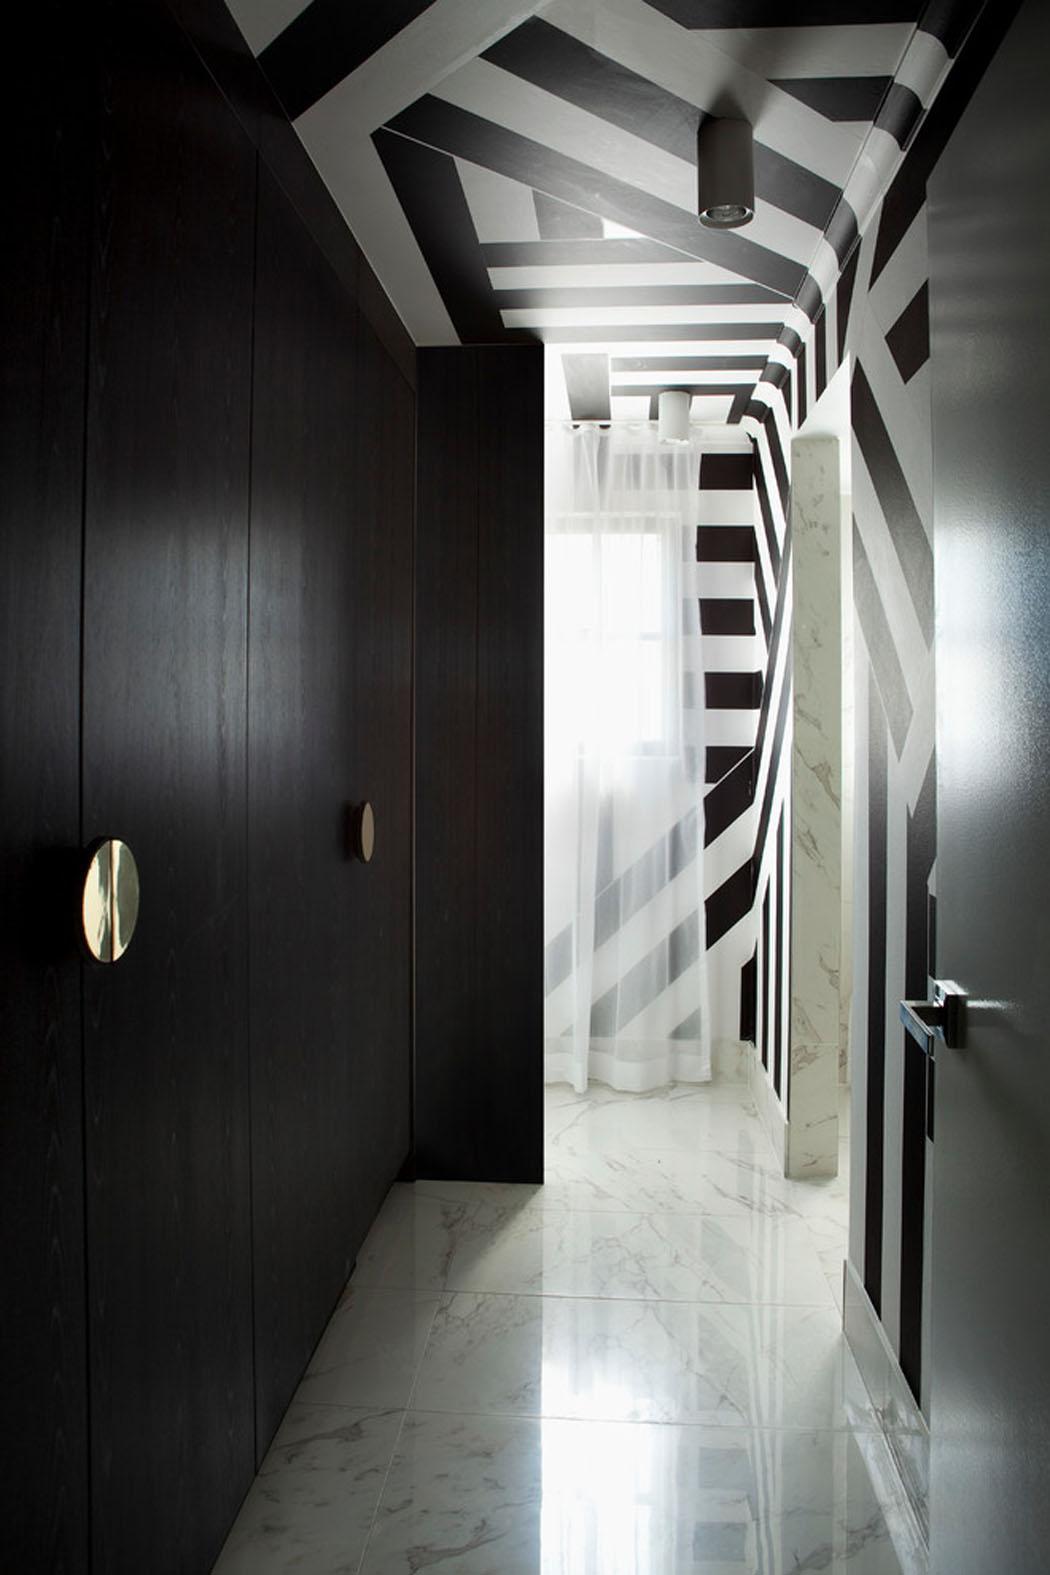 Photo Noir Et Blanc Design bel appartement design à brisbane à la déco élégante en noir